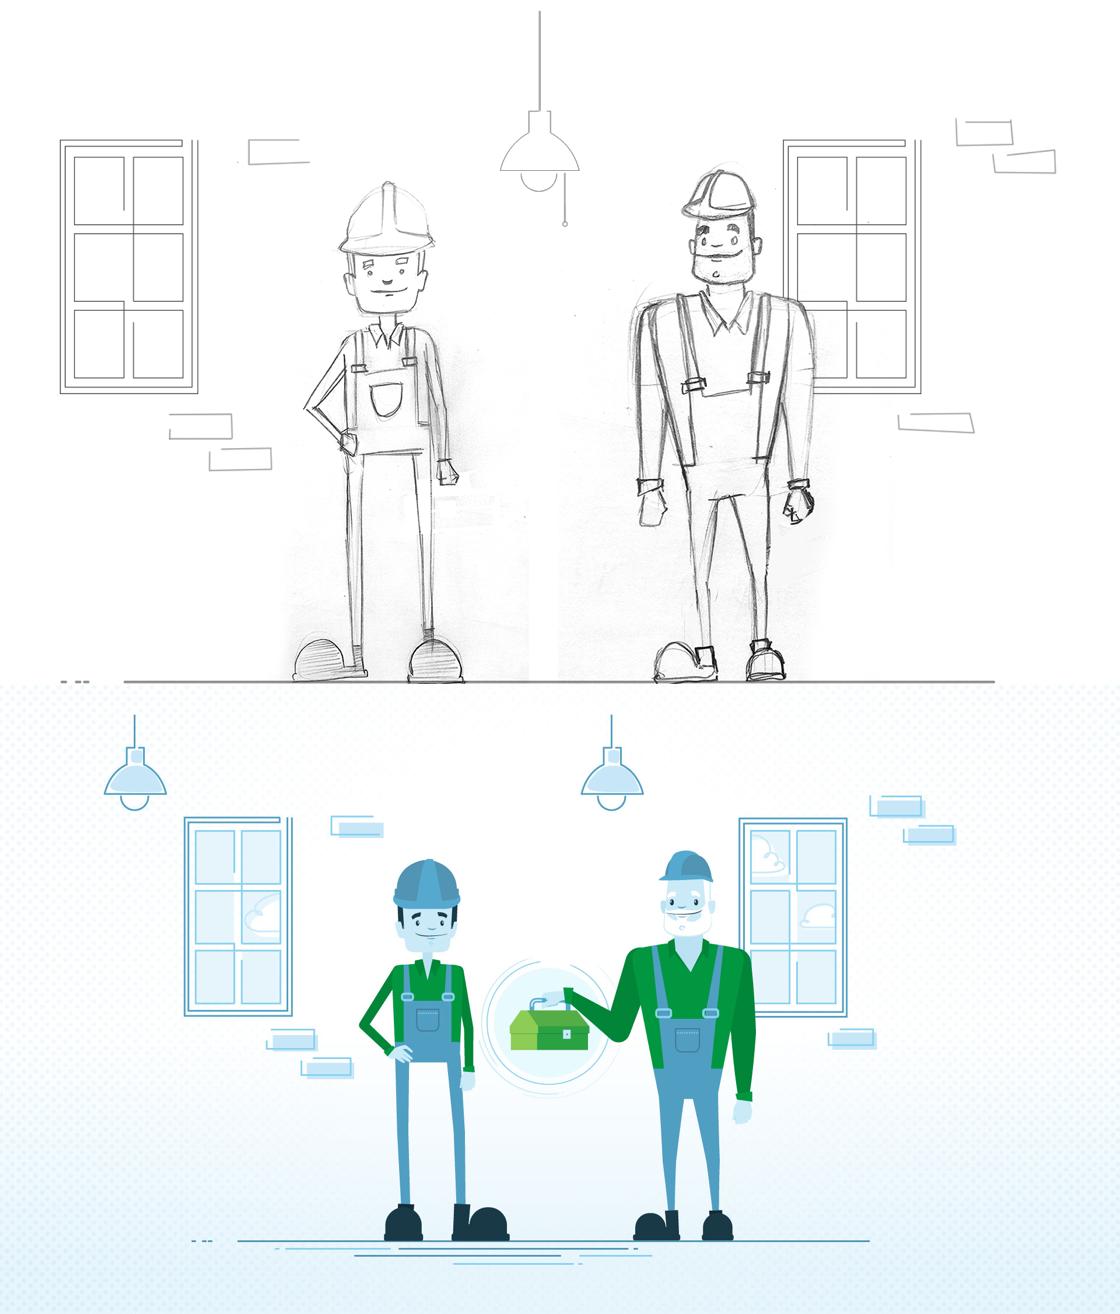 Croquis et illustration de la maison utilisée dans les vidéos